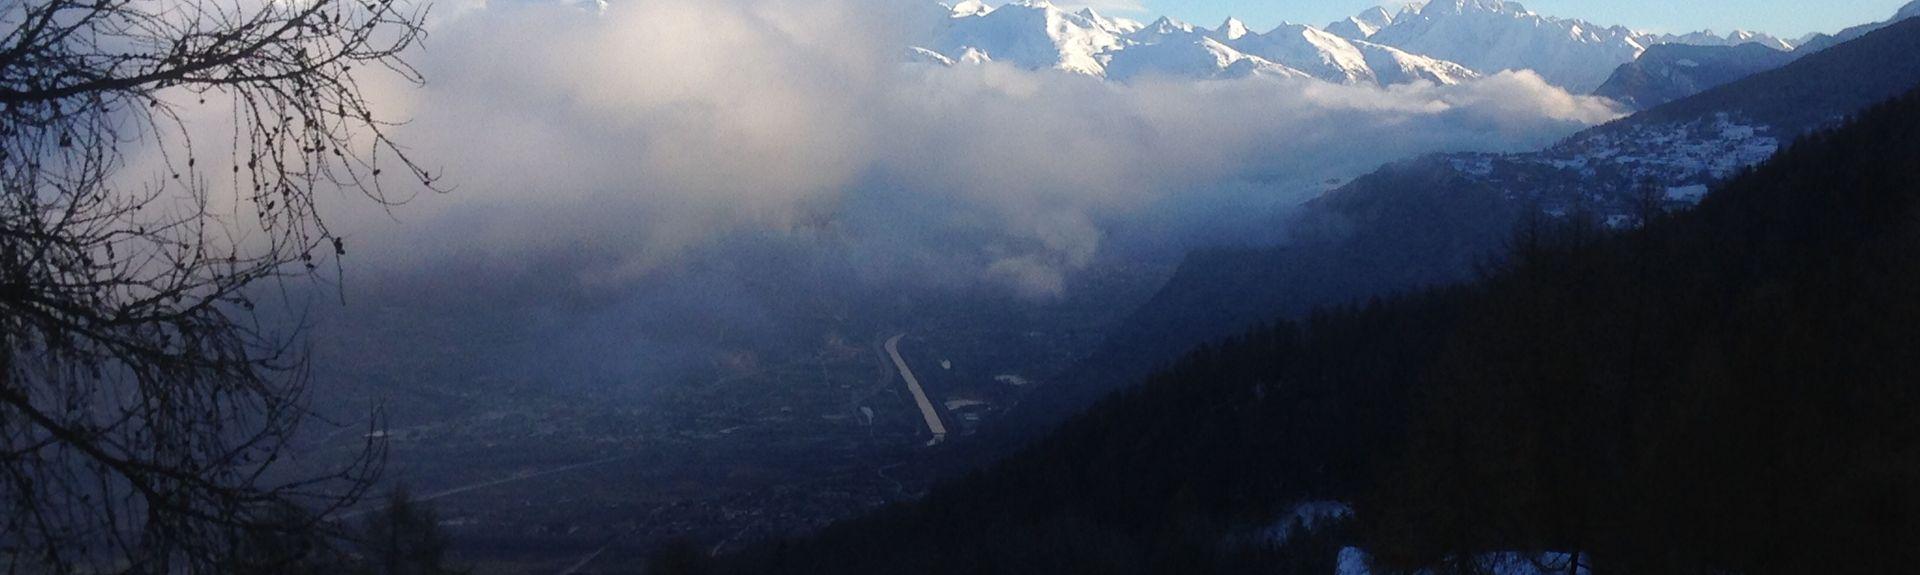 Salins, Switzerland